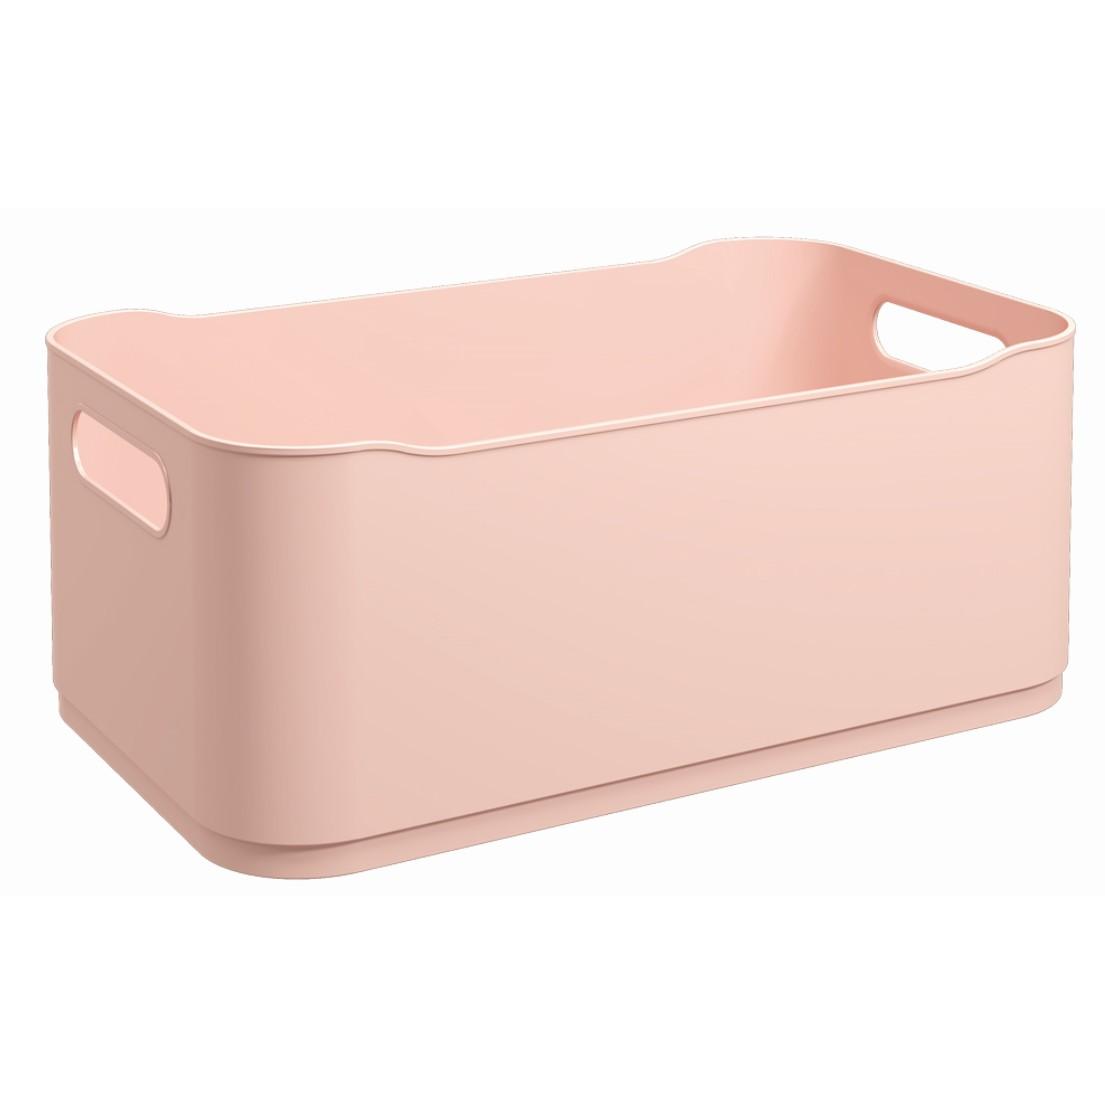 Cesta Organizadora de Plastico 30x18cm Retangular Empilhavel Rosa Blush - Coza